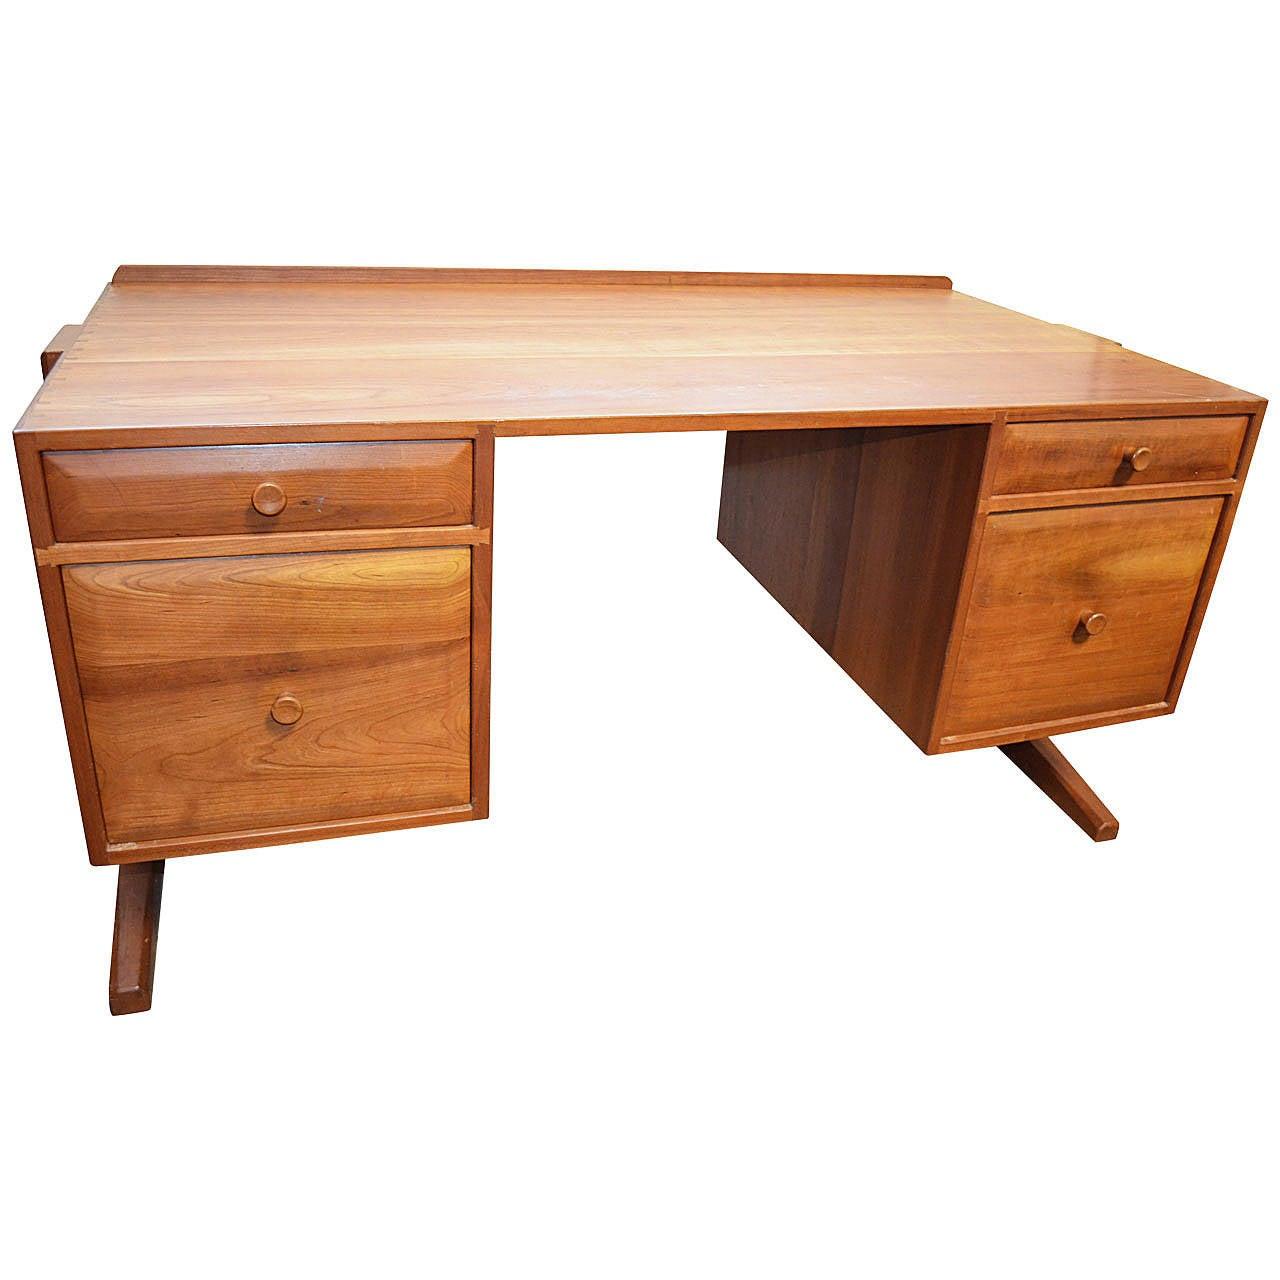 Custom studio craftsman cherry desk walker weed for sale for Unique desks for sale